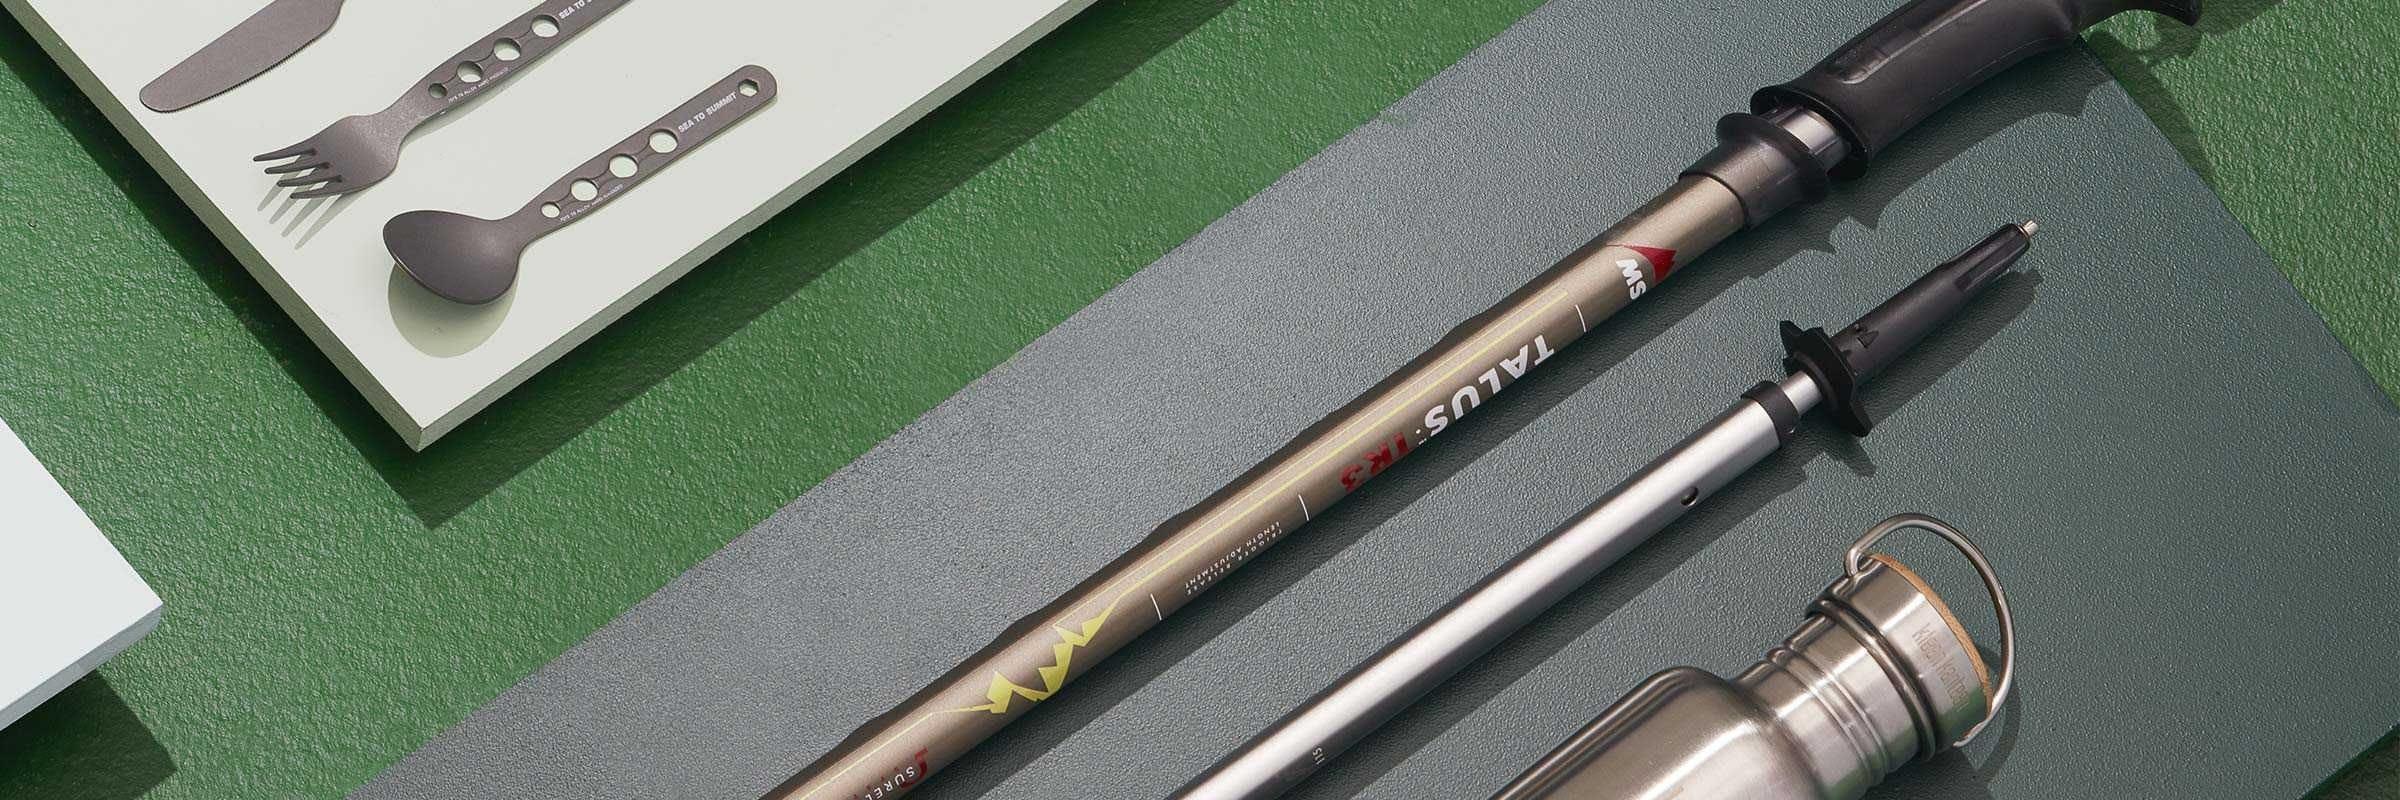 Comment choisir son bâton de marche